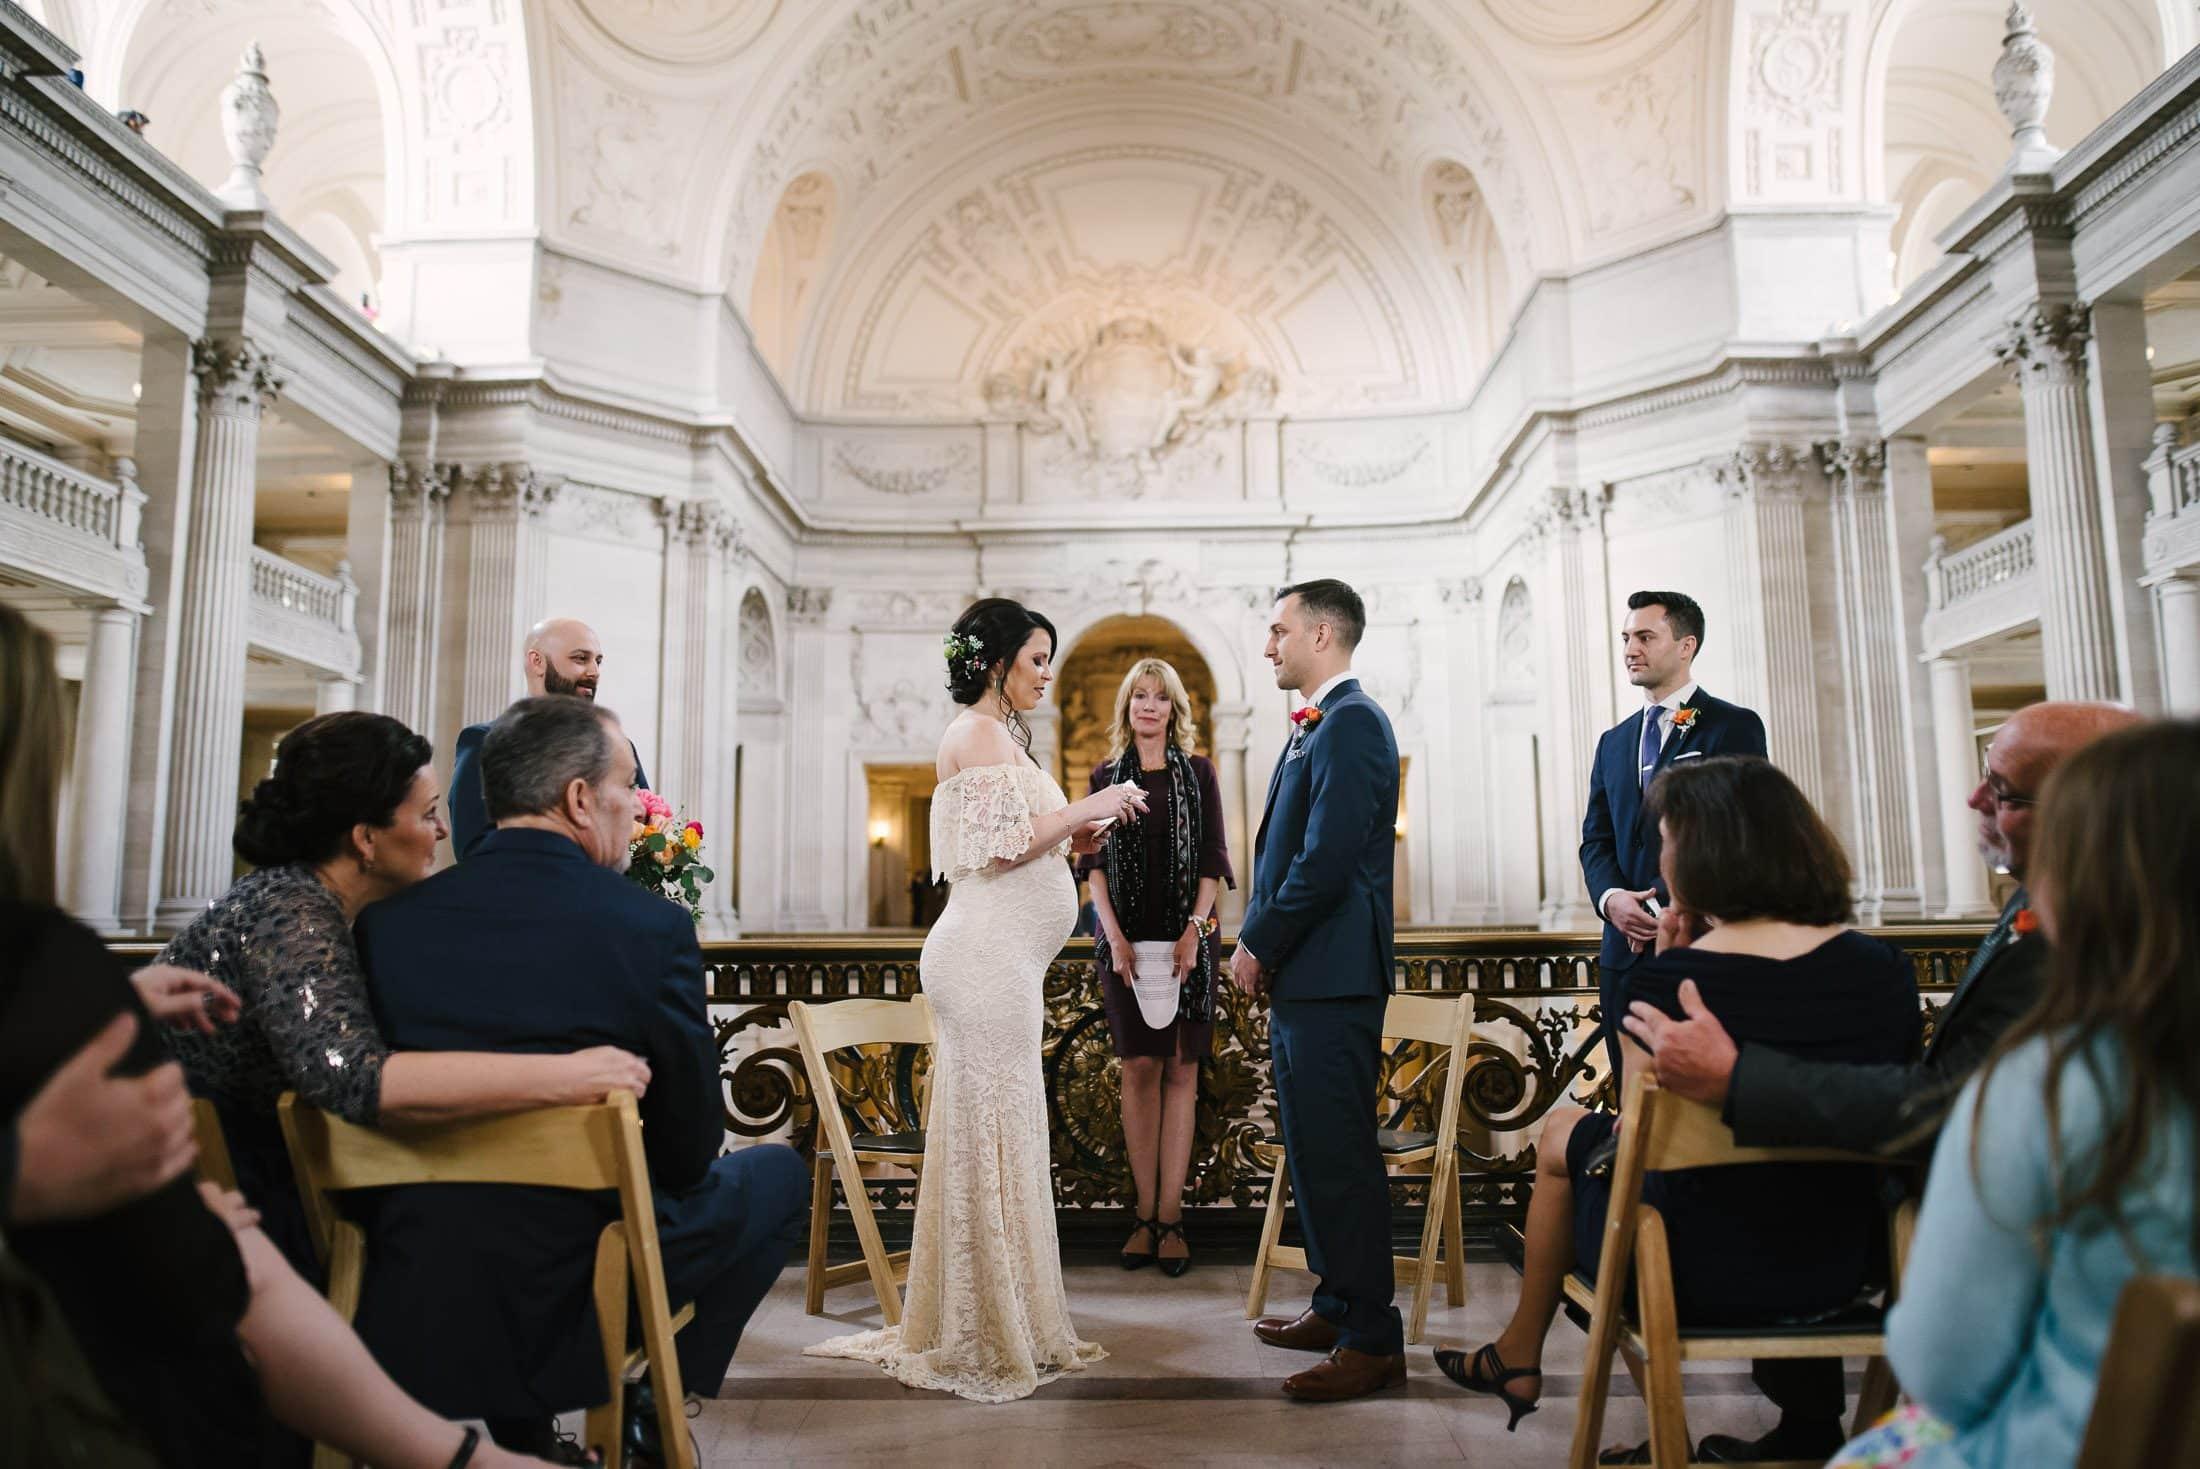 San Francisco City Hall Wedding Mayor's Balcony